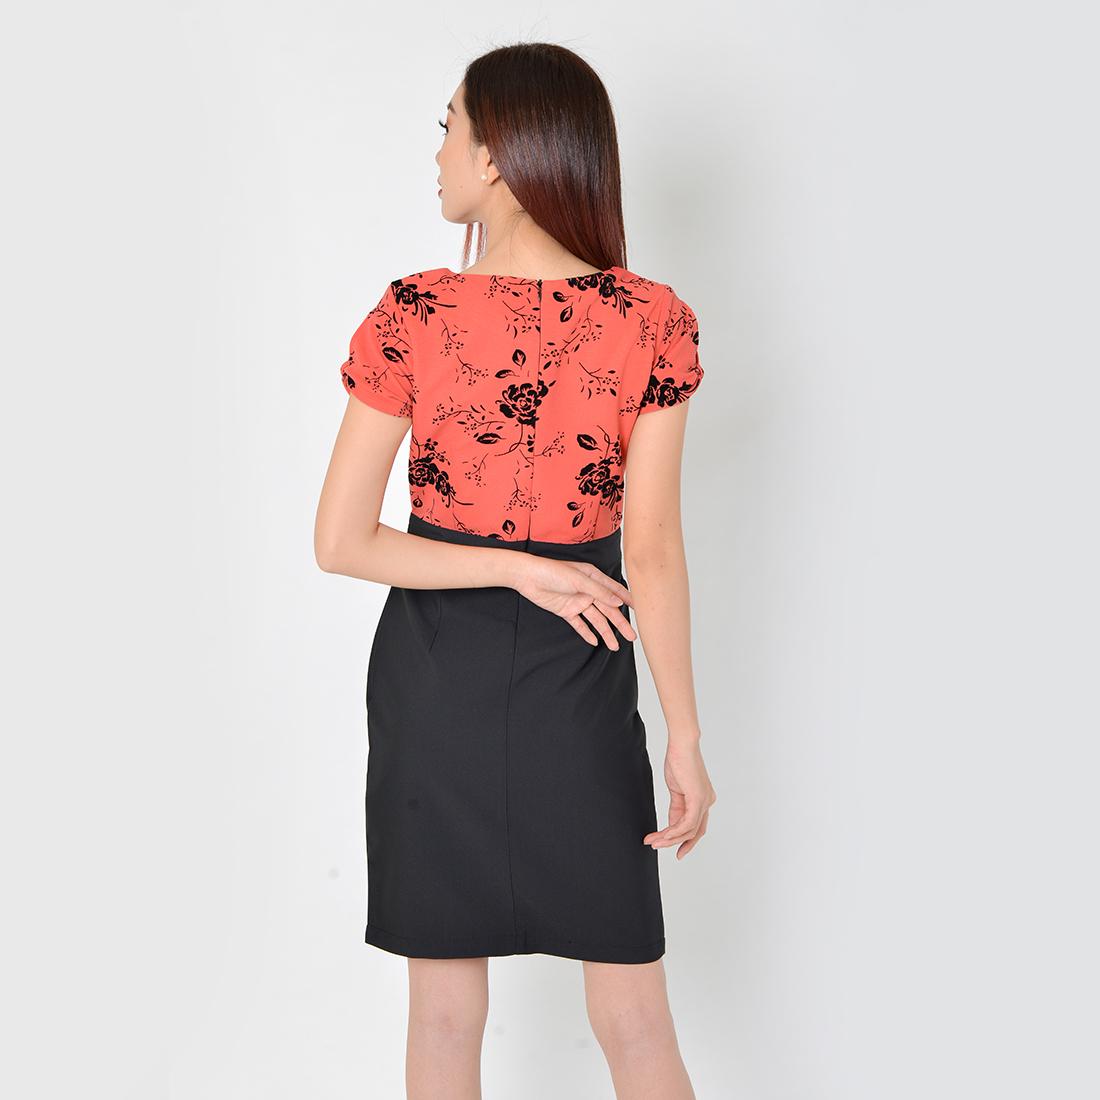 Đầm Công Sở Thời Trang Eden Phối Màu - D324 - Màu hồng